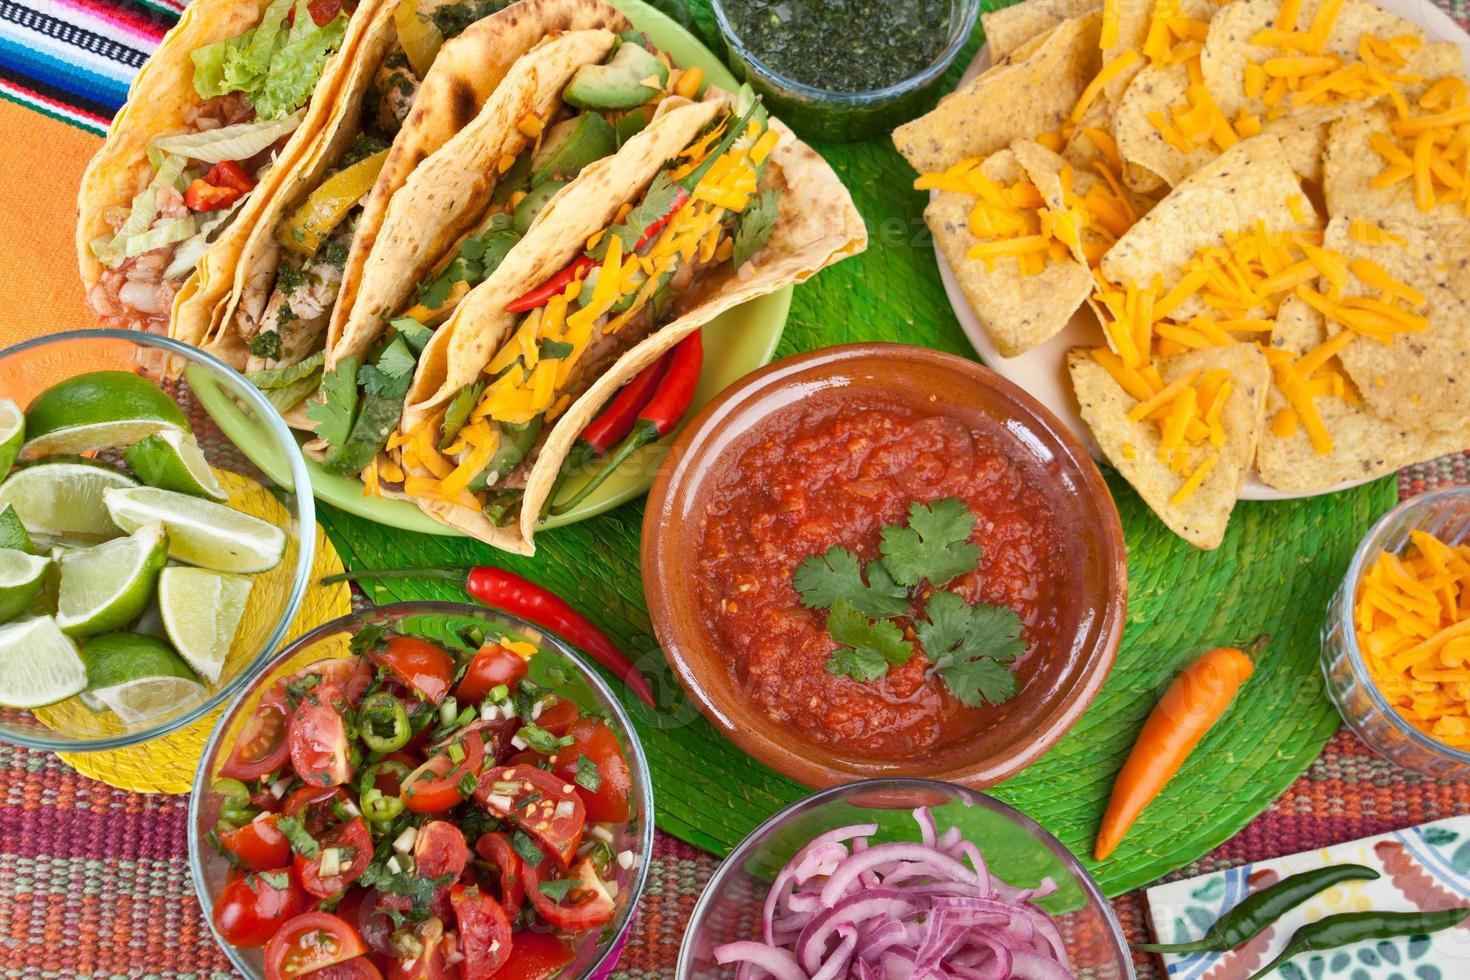 piatti di cibo messicano tradizionale colorato foto